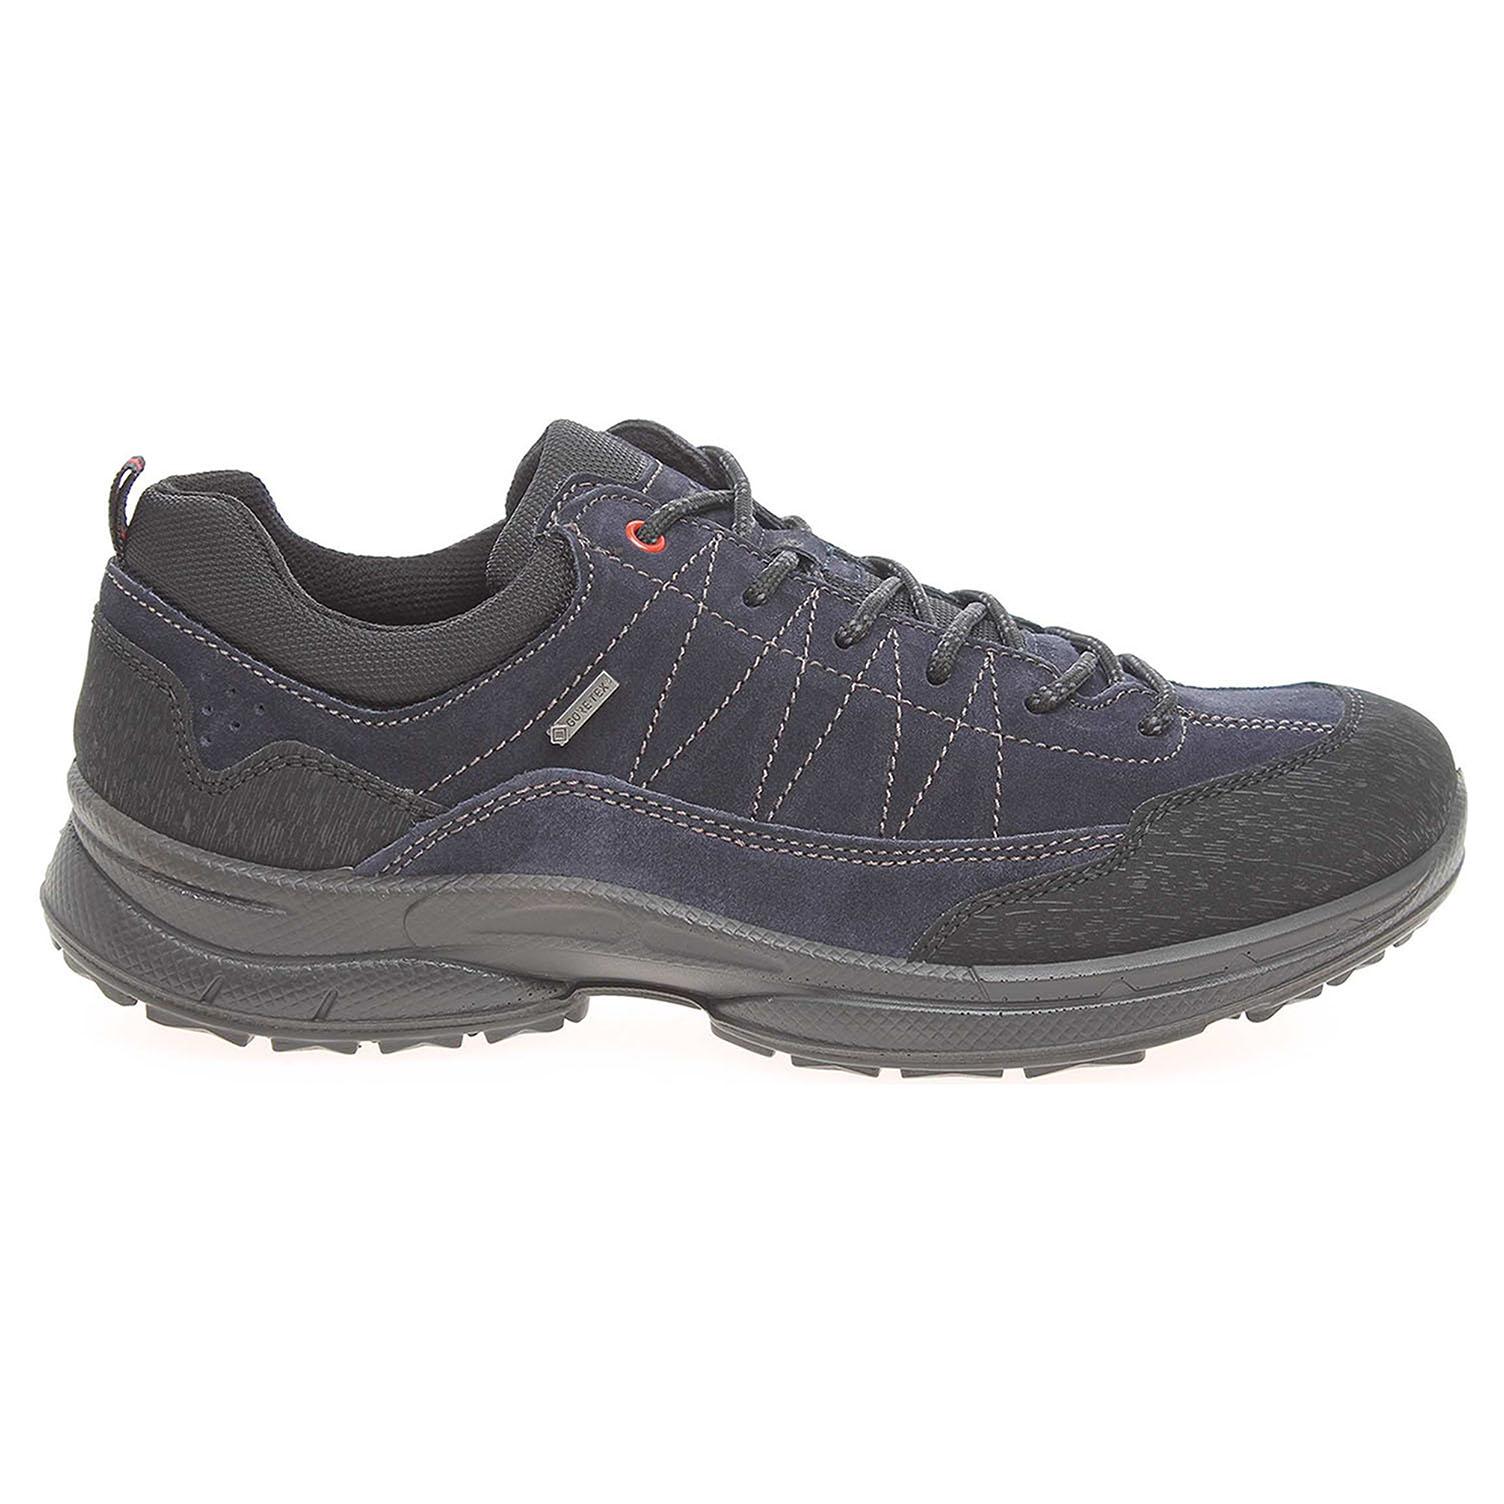 Ara pánská obuv 24206-02 modrá 11-24206-02 42